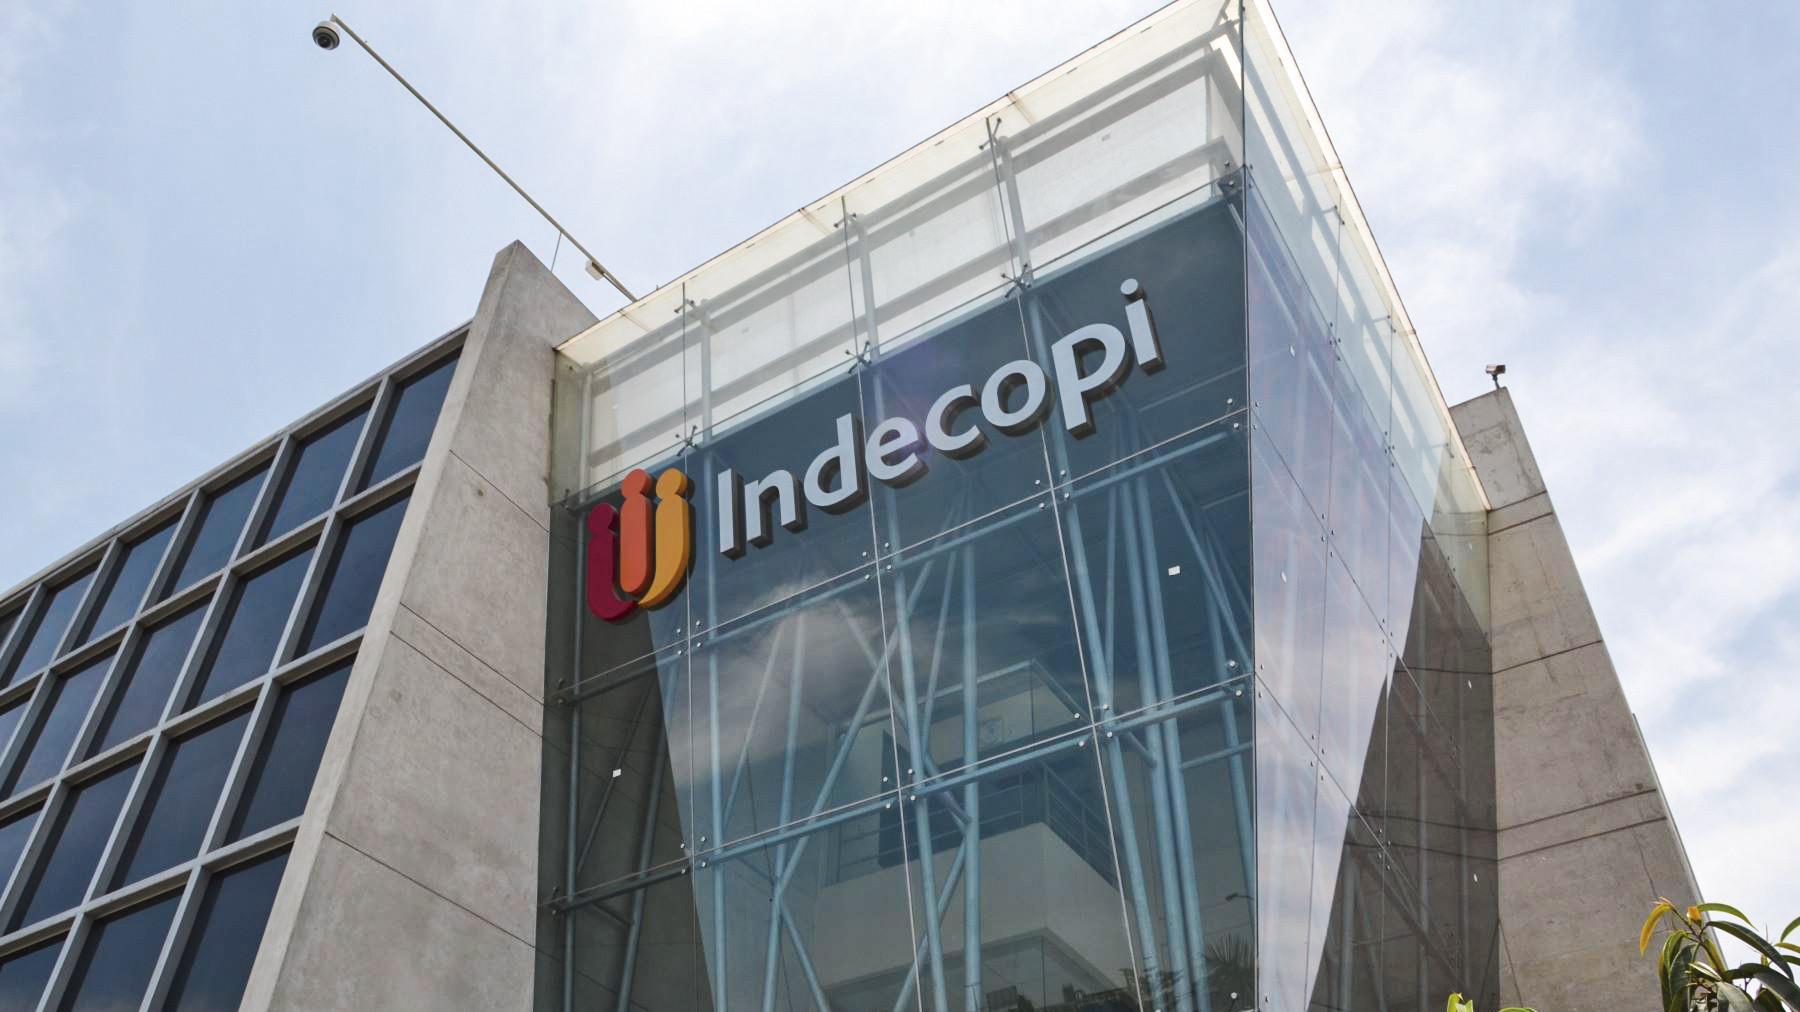 Radar electoral: entregar multas a consumidores alentaría más reclamos al Indecopi